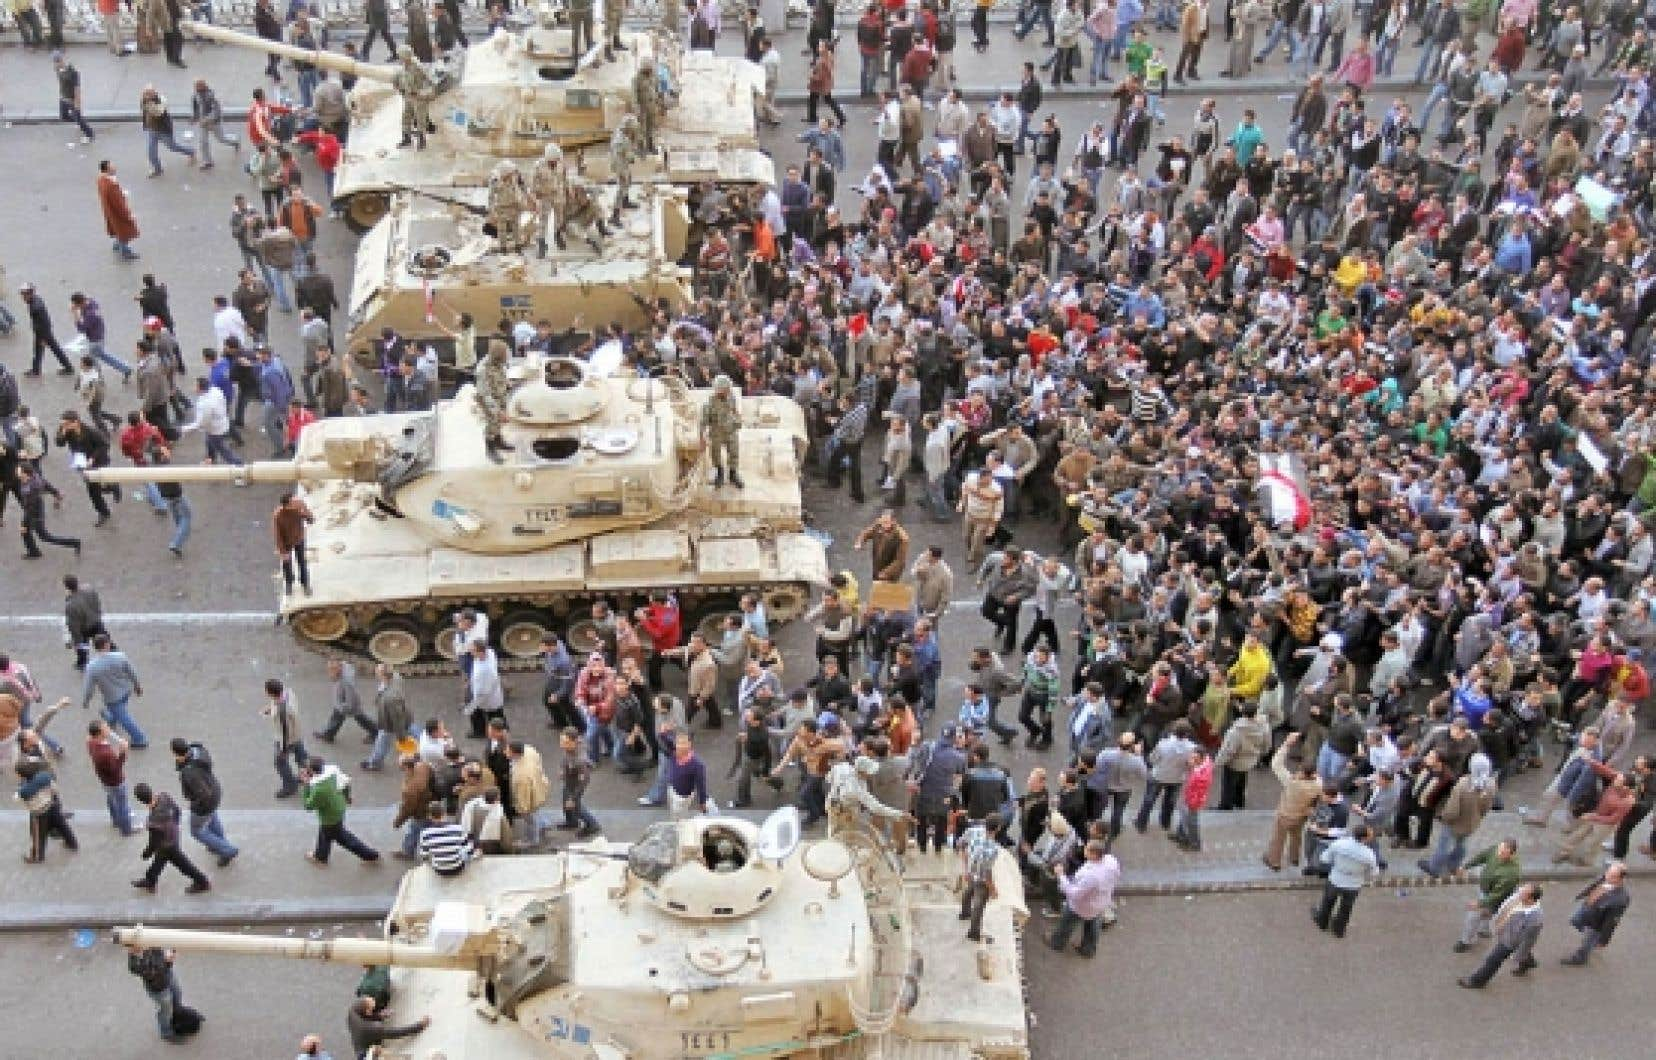 Les émeutes que connaît l'Égypte depuis le 25 janvier, et dont le but est d'exiger le départ d'Hosni Moubarak, pourraient conduire à un tout nouveau rapport dans les relations armée/pouvoir et peut-être même signer la fin de l'âge d'or.<br />